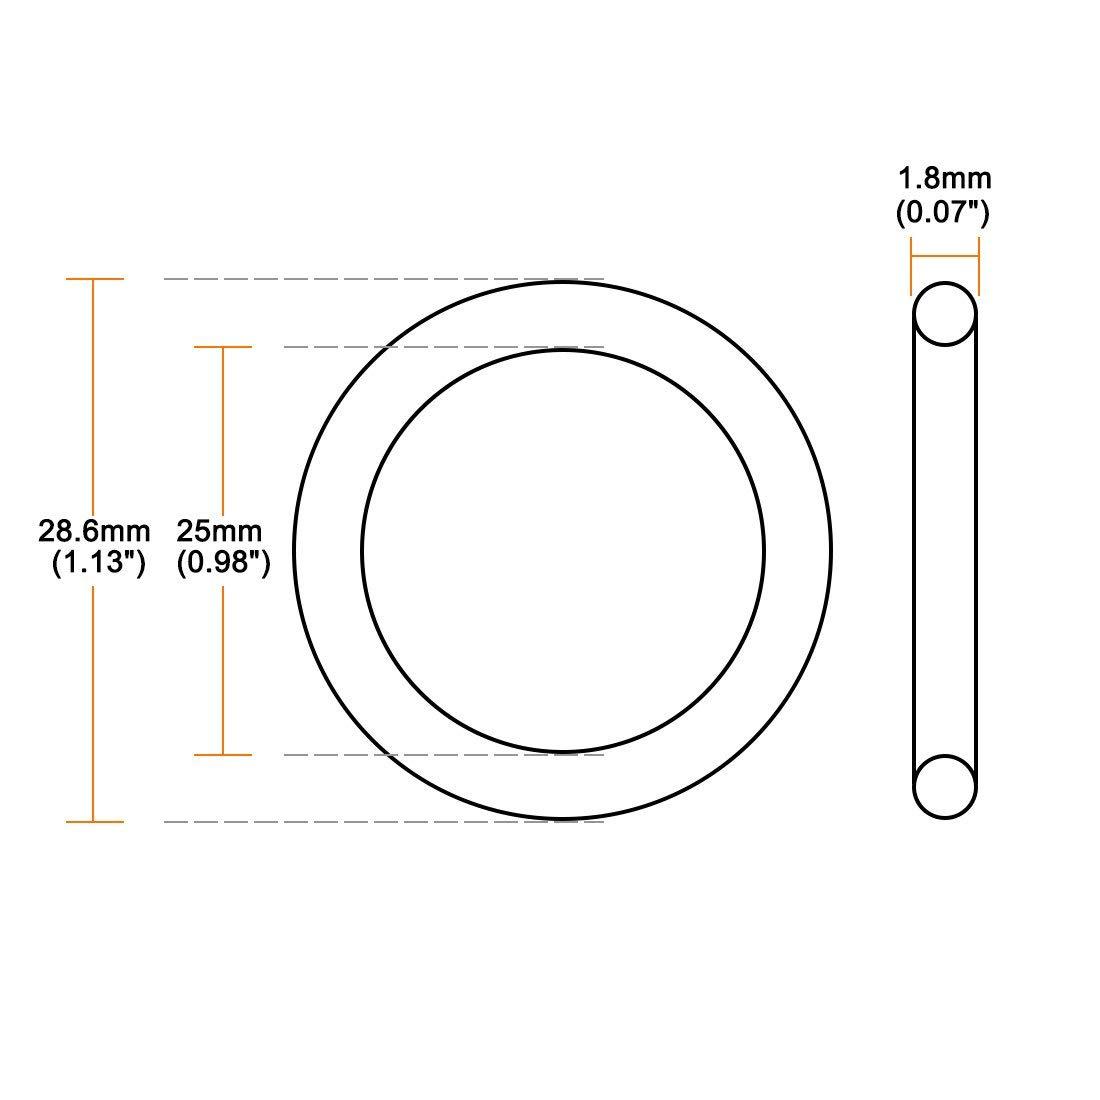 10 St/ück O-Ringe Nitrilkautschuk 25mm x 28,6mm x 1,8mm Dichtungsringe Schwarz DE